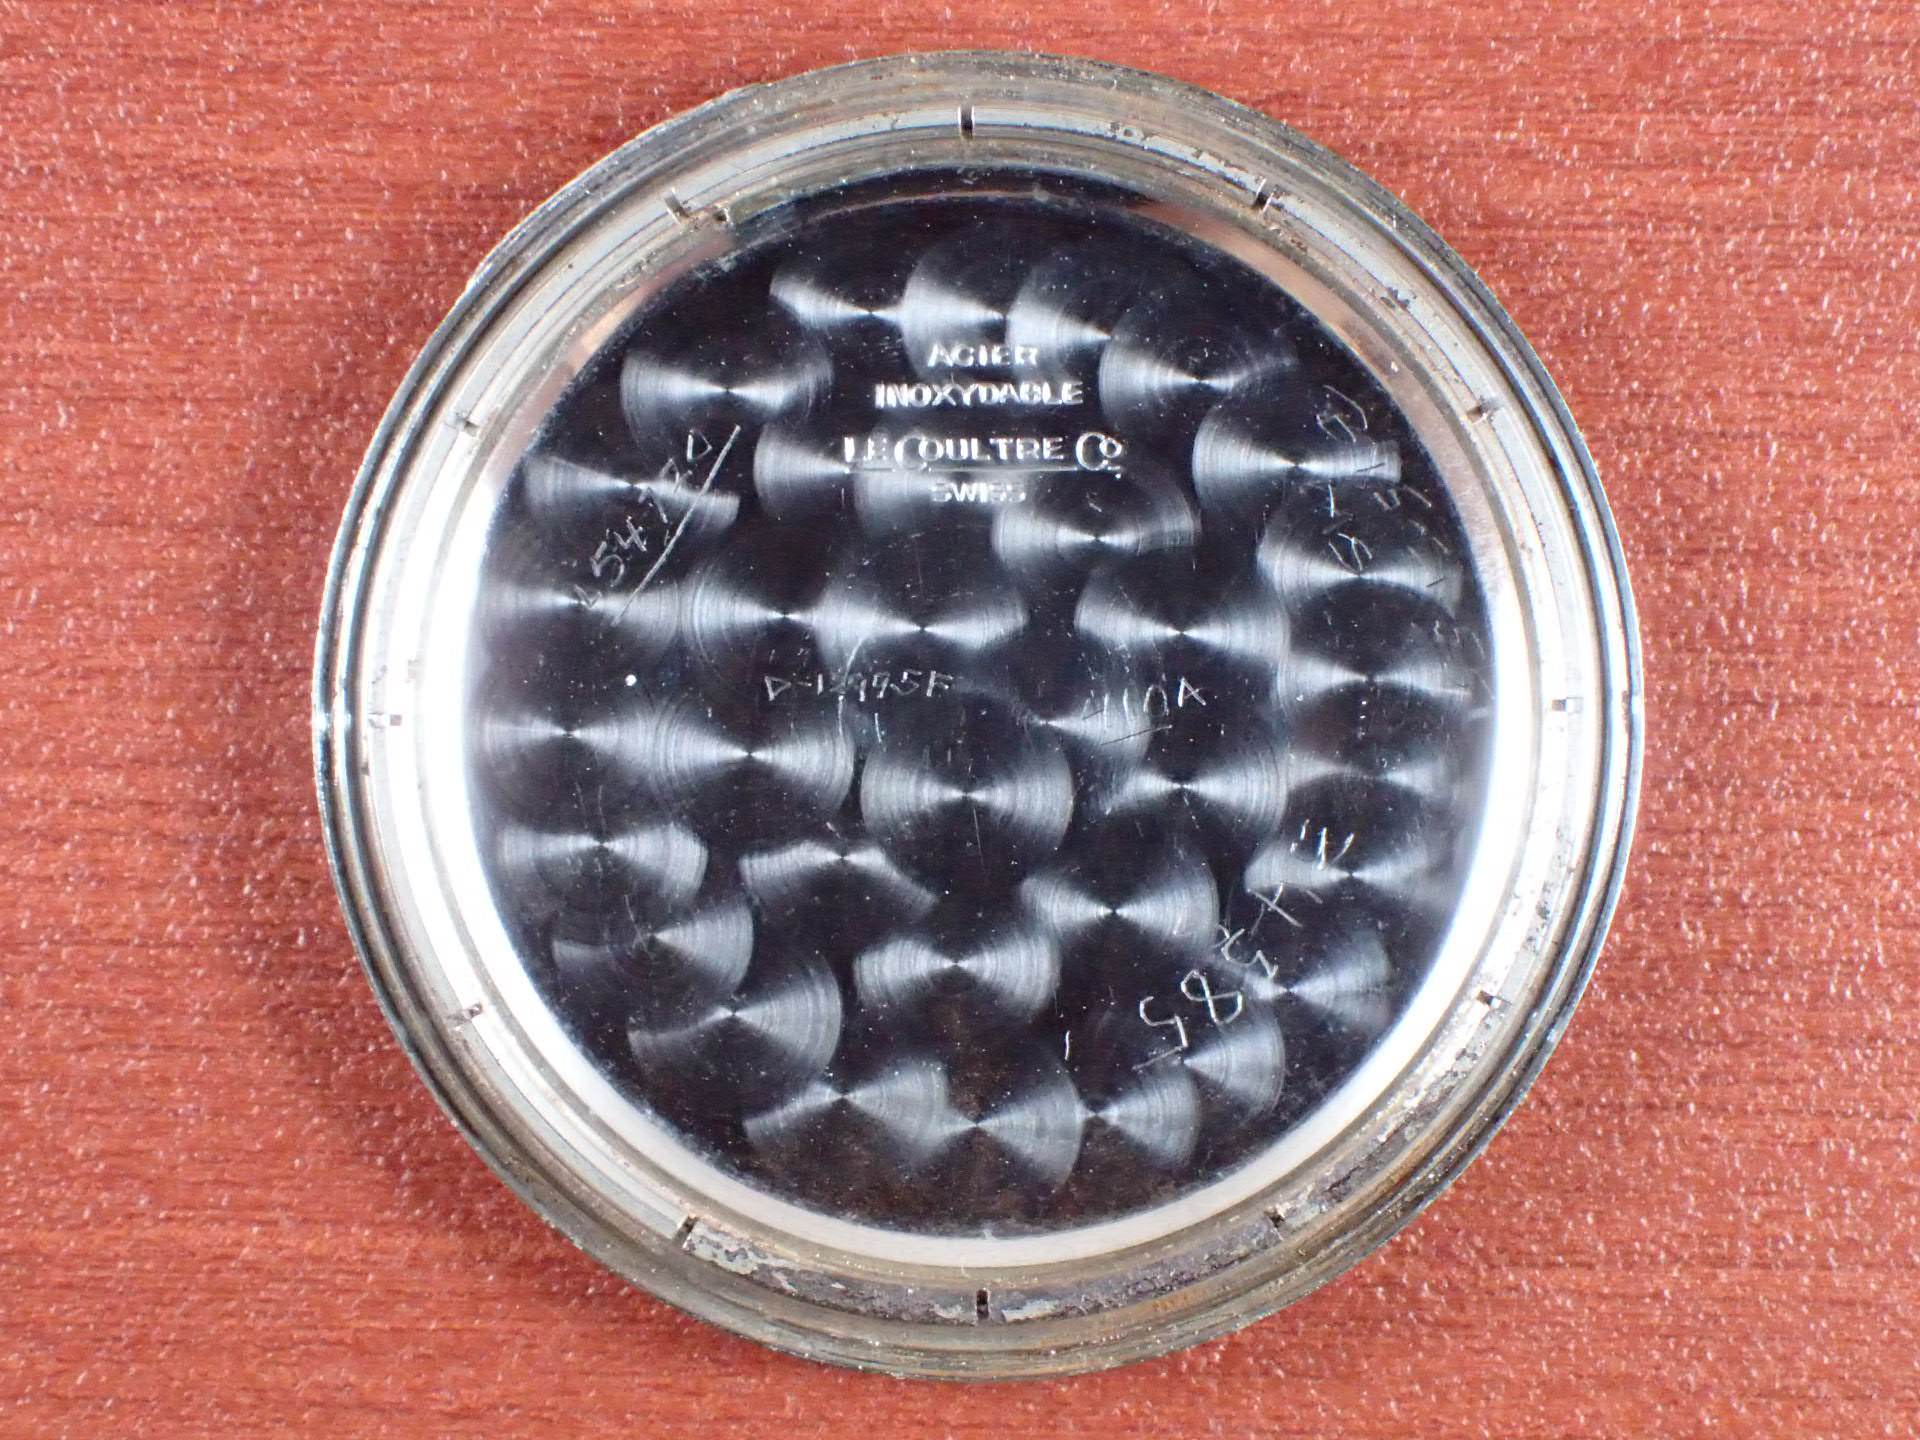 ルクルト ホワイト2トーンダイアル 24時間表記 スナップバック 1940年代の写真6枚目